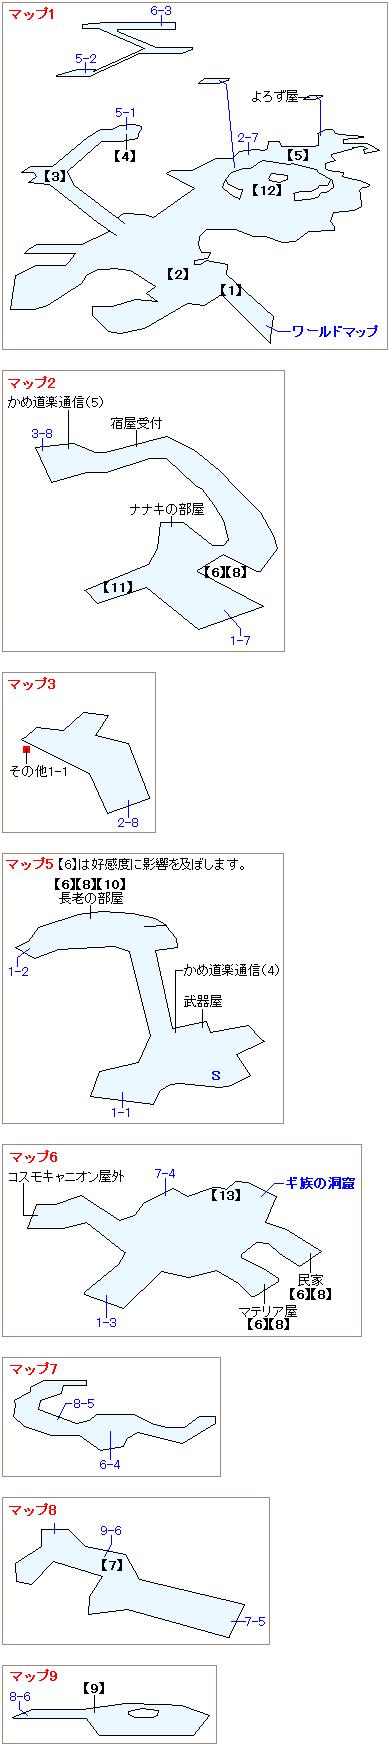 ストーリー攻略マップ・コスモキャニオン(1)